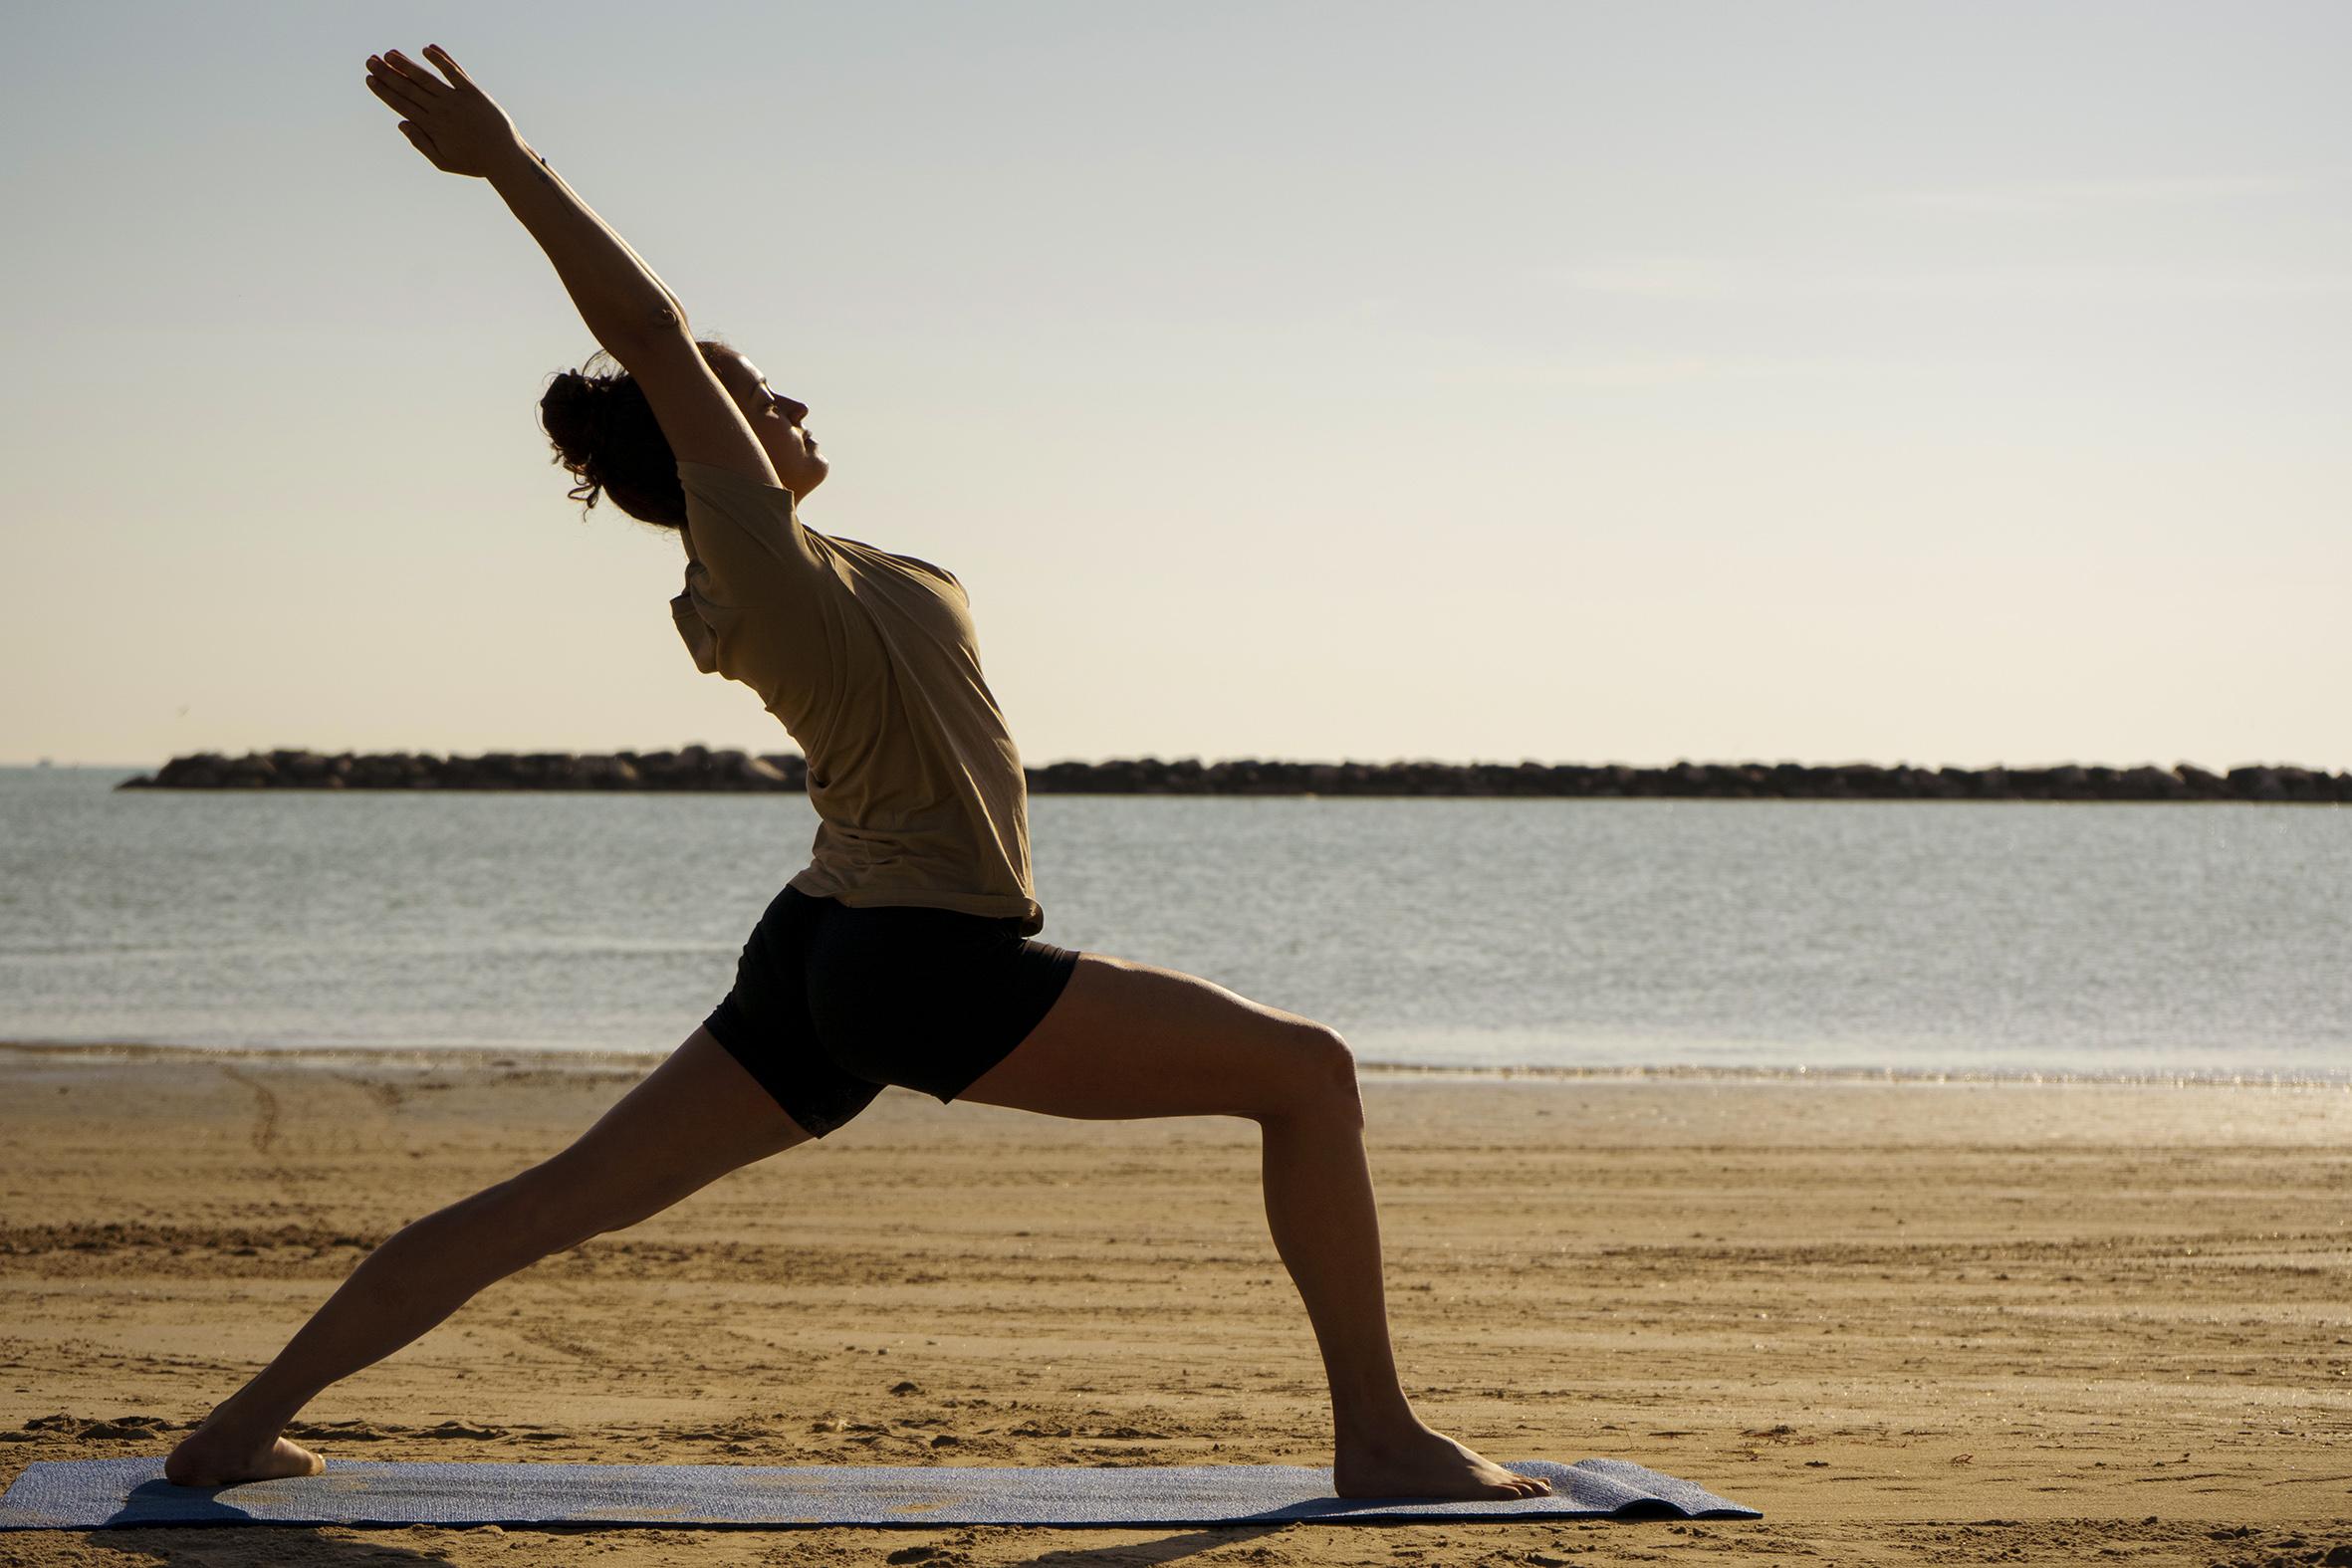 Yoga e meditazione in vacanza - Ricci Hotels - foto di Julien Zaccardi